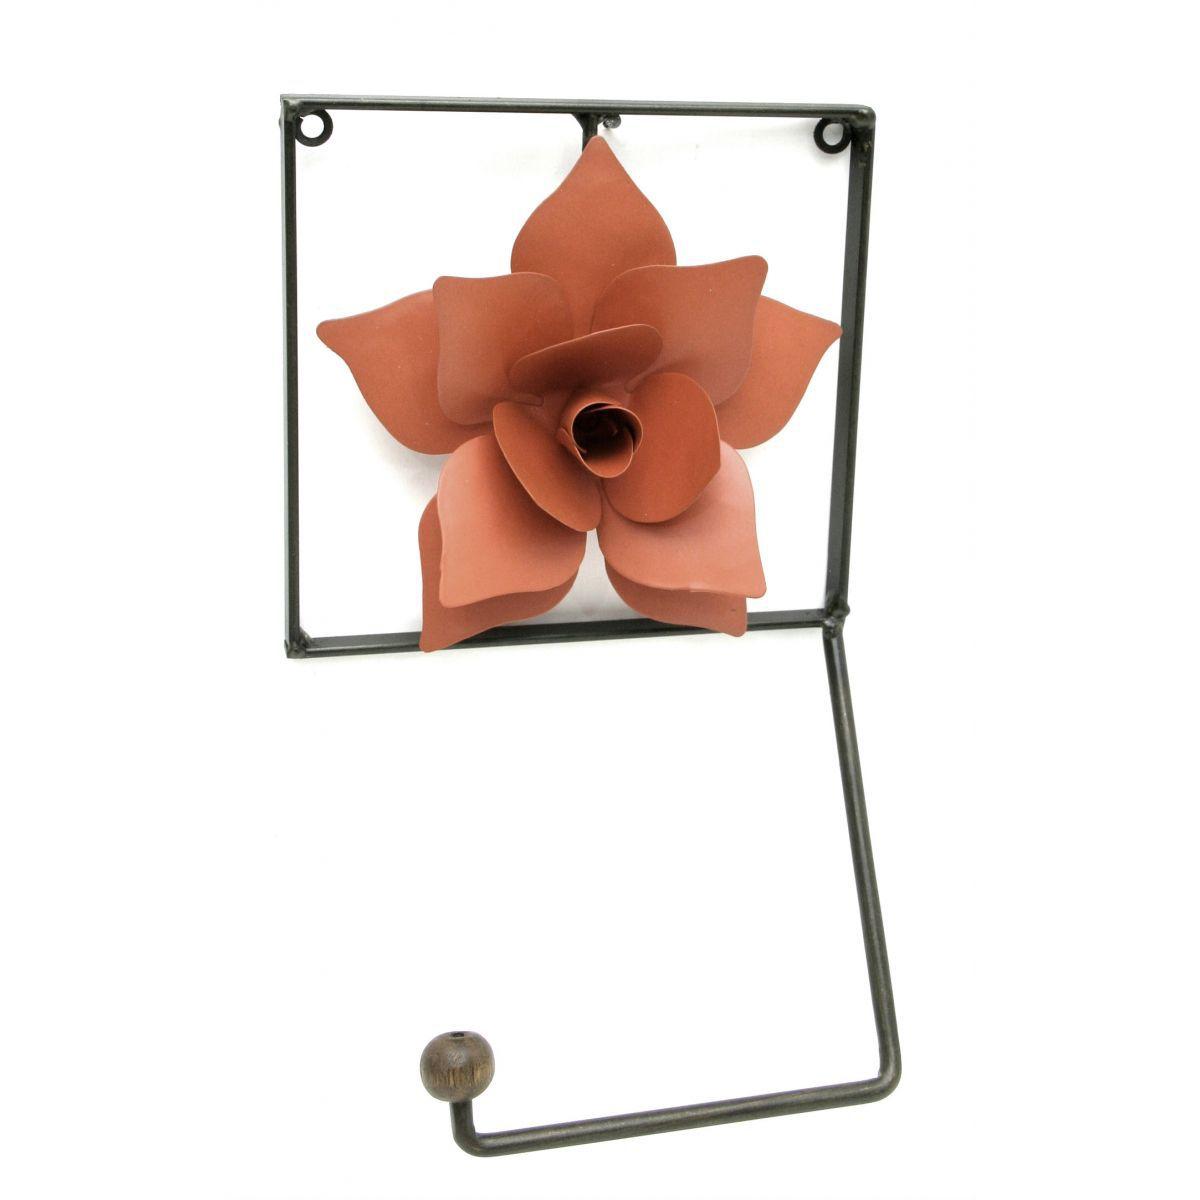 Porta Papel Higienico Artesanal De Ferro Rústico Banheiro com Rosa